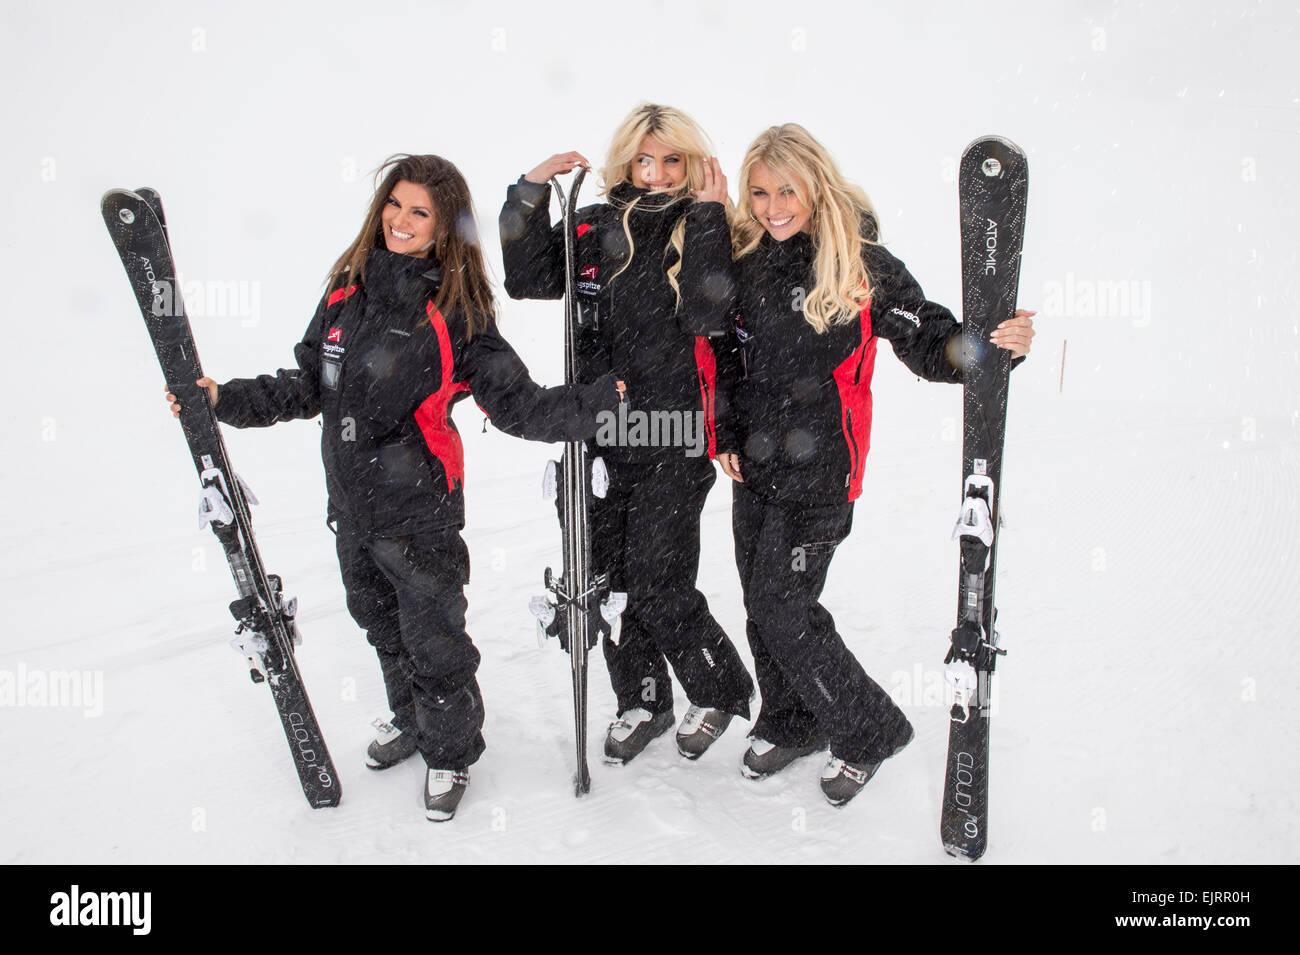 playboy ski